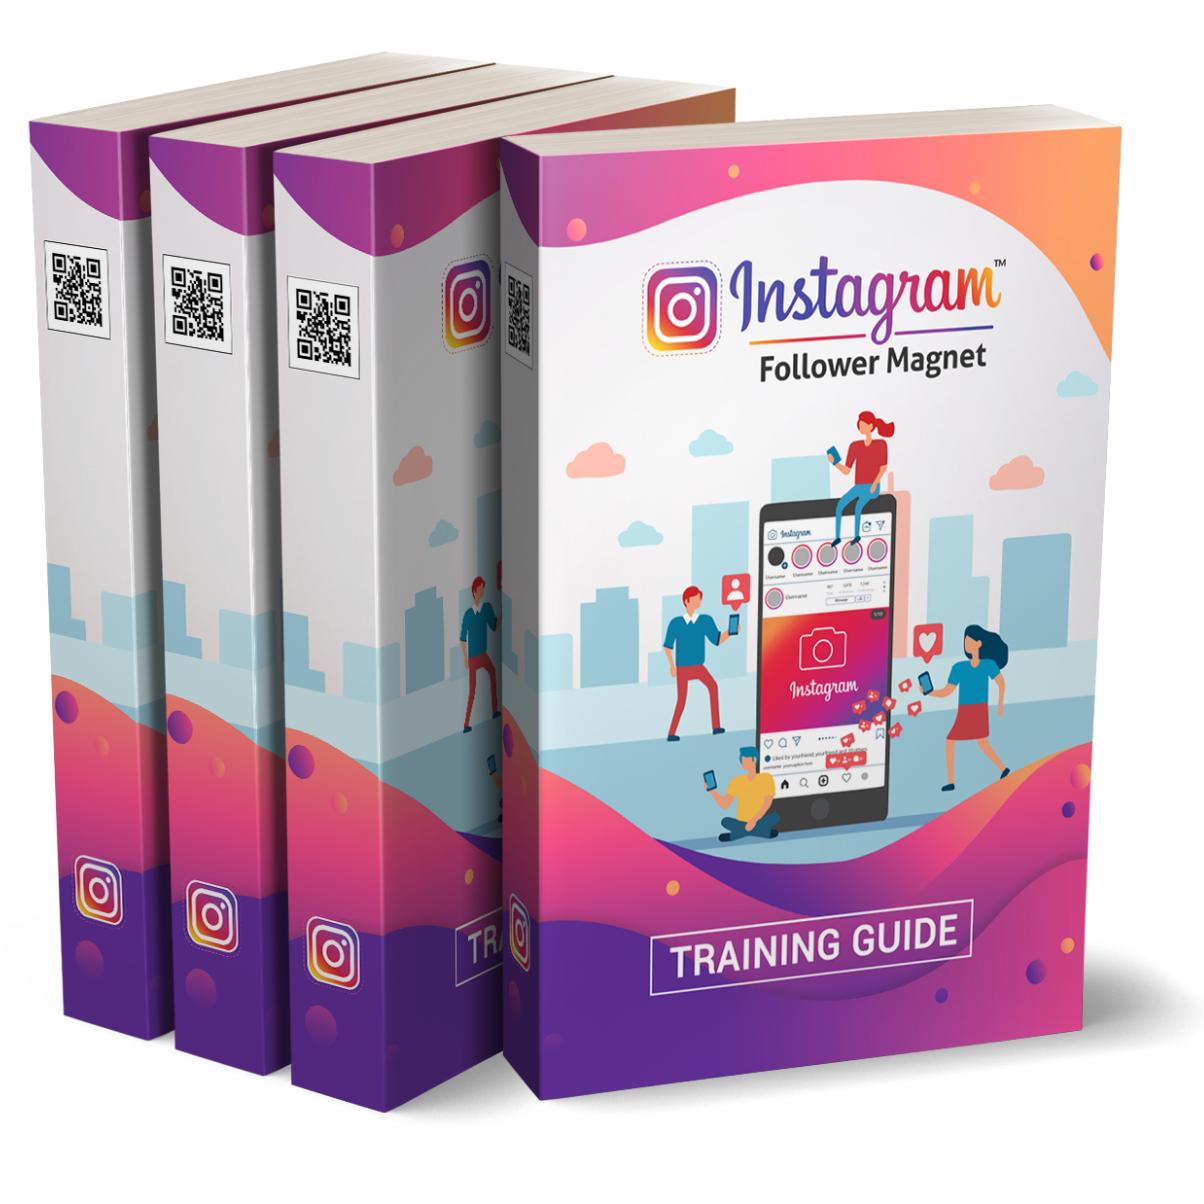 Instagram Follower Magnet